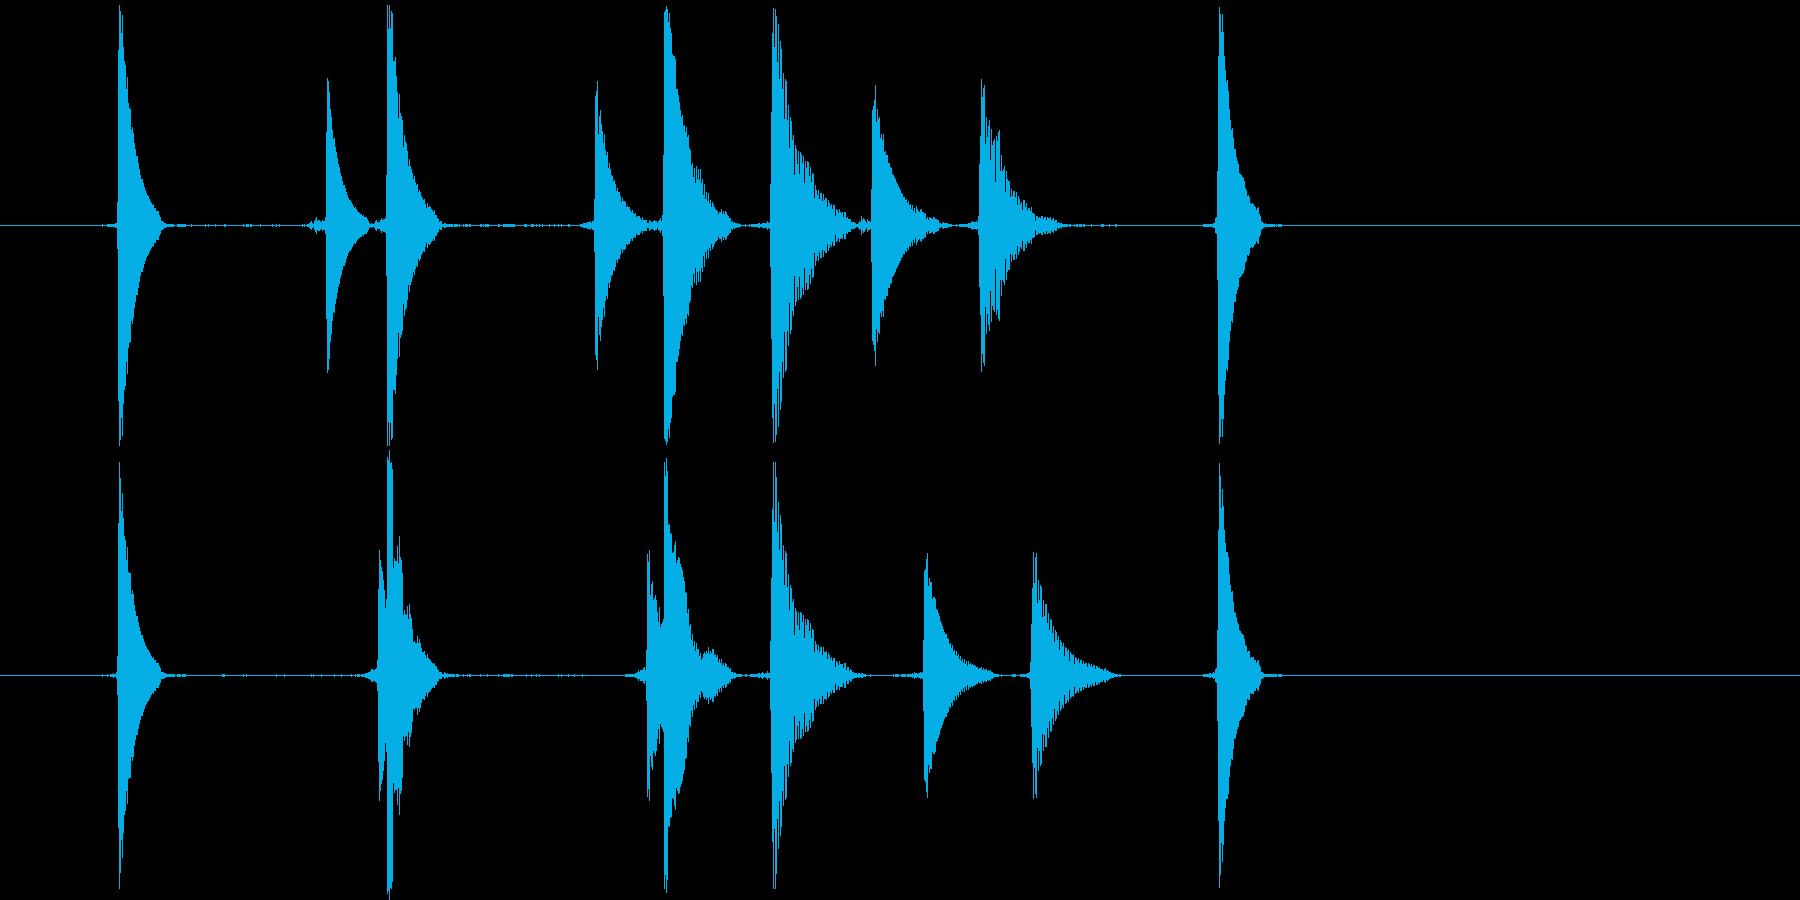 リセット音2(コココキョ)の再生済みの波形